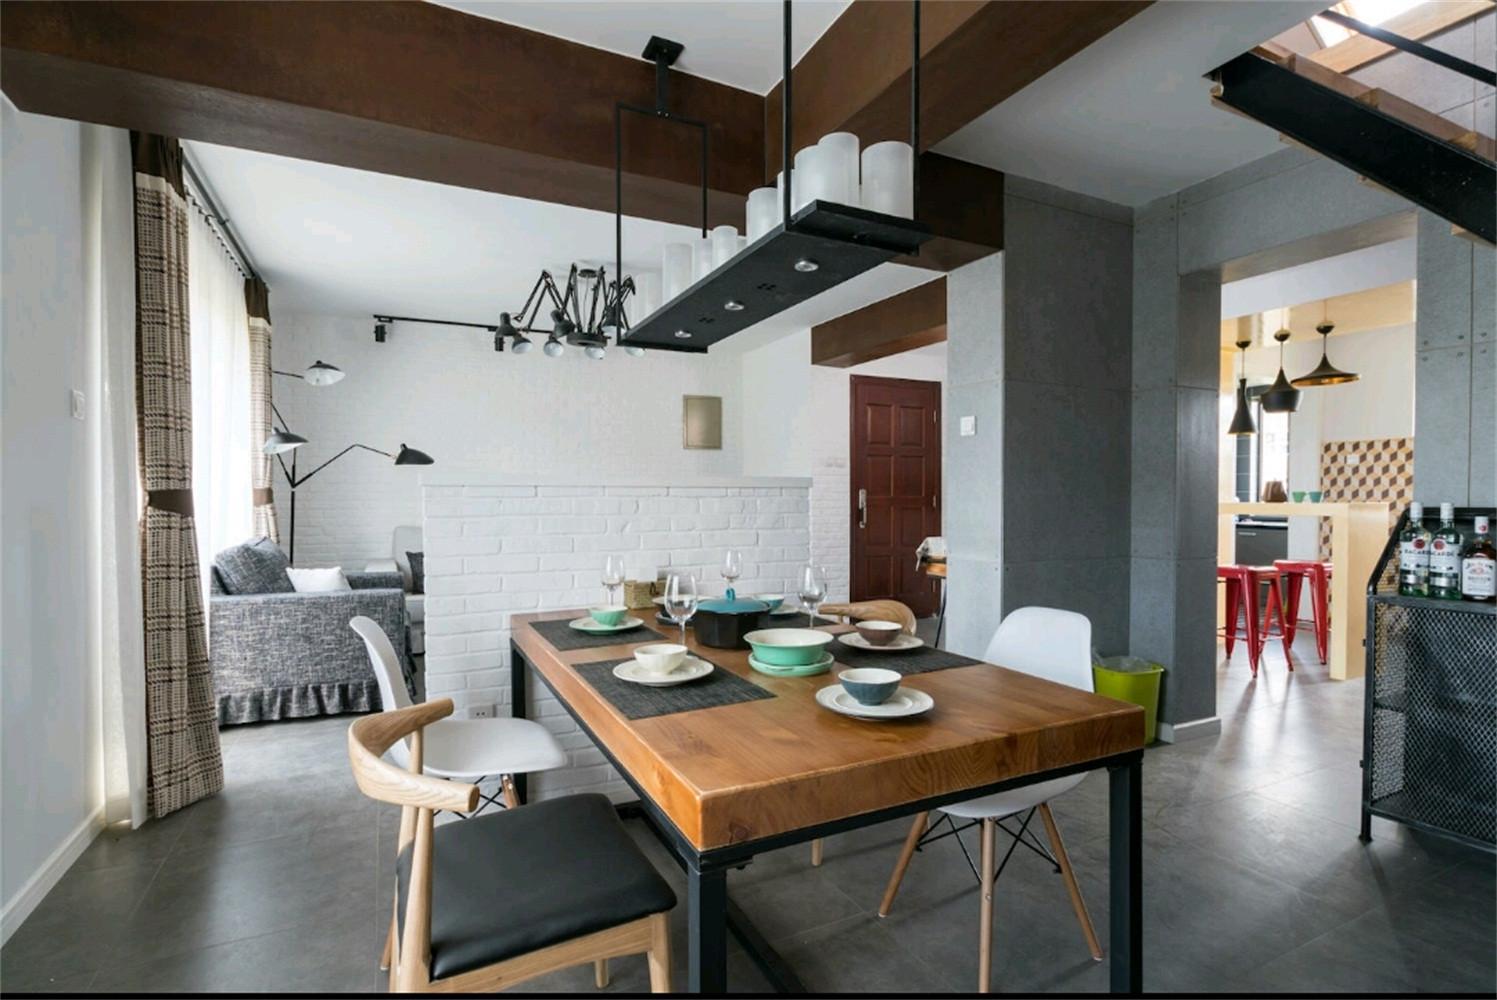 日式风格loft公寓富裕型客厅和餐厅的设计图